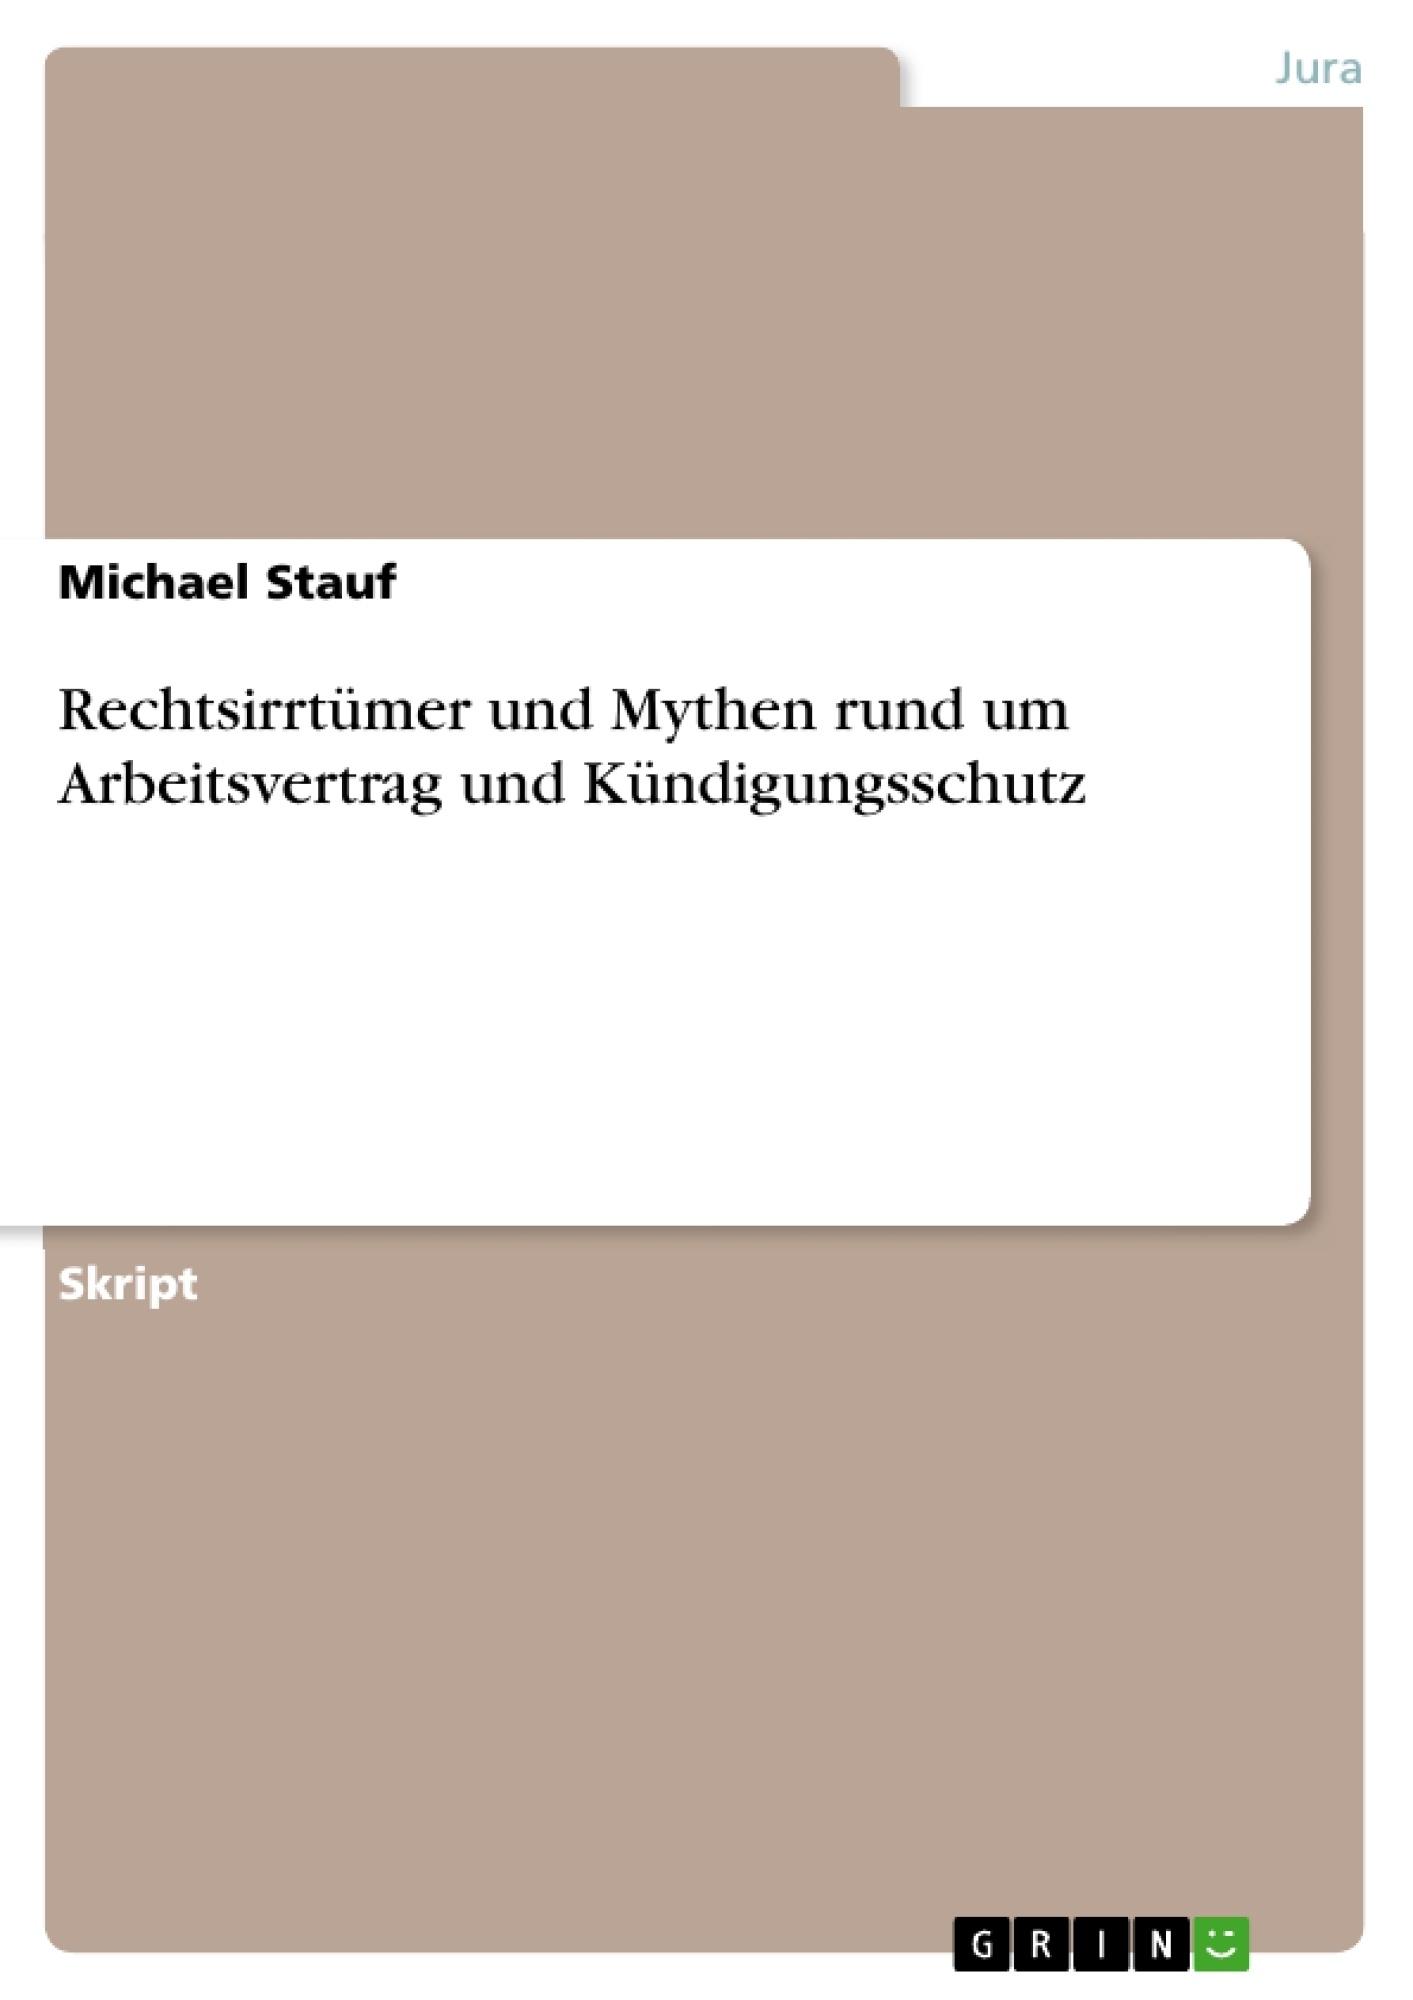 Titel: Rechtsirrtümer und Mythen rund um Arbeitsvertrag und Kündigungsschutz